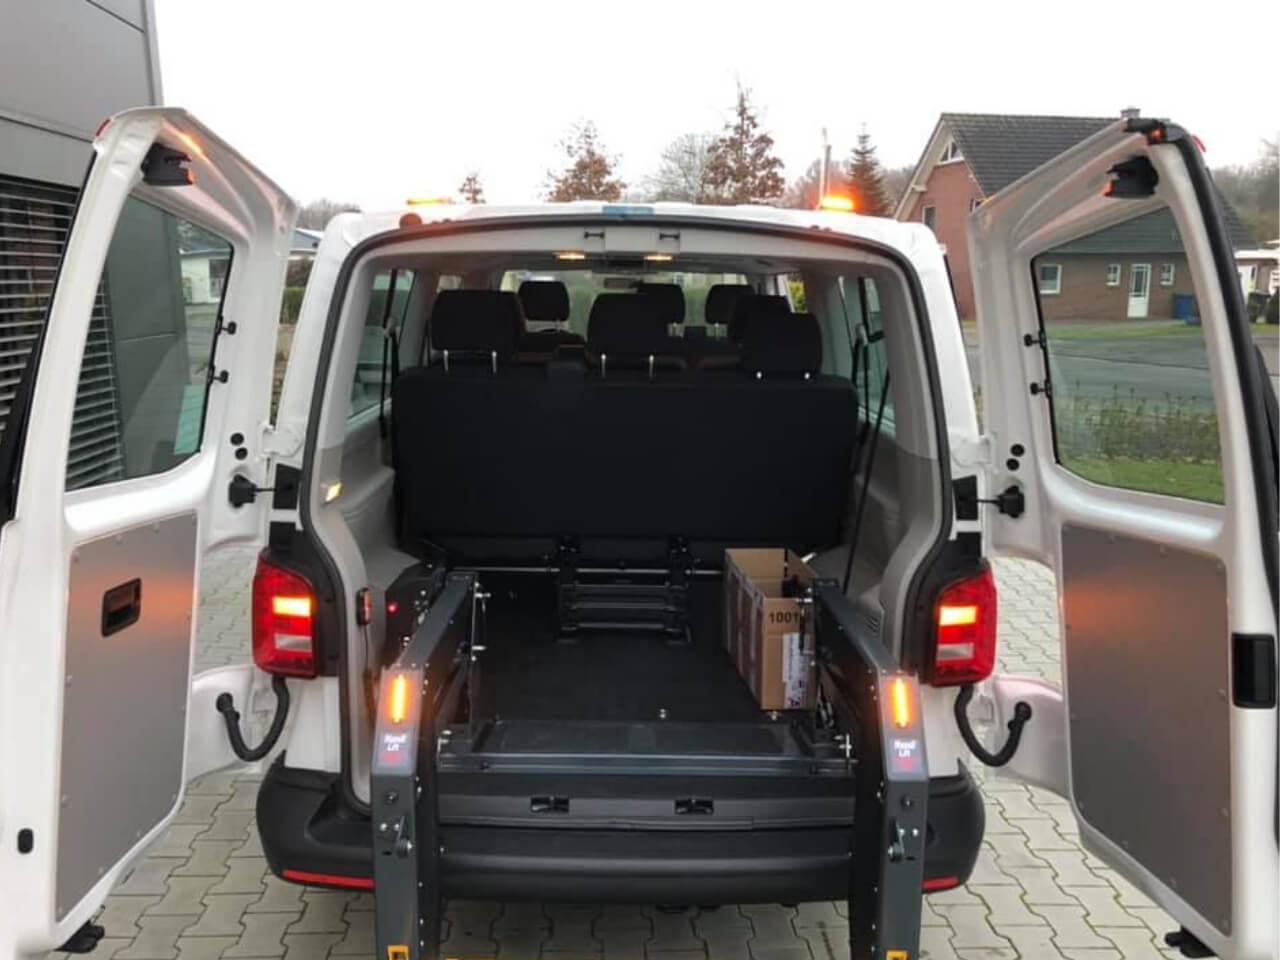 Behindertengerechtes Umbau - VW Bus t6 mit Linearlift für Rollstuhlfahrer - Fricke Behindertengerechte Fahrzeuge (3)